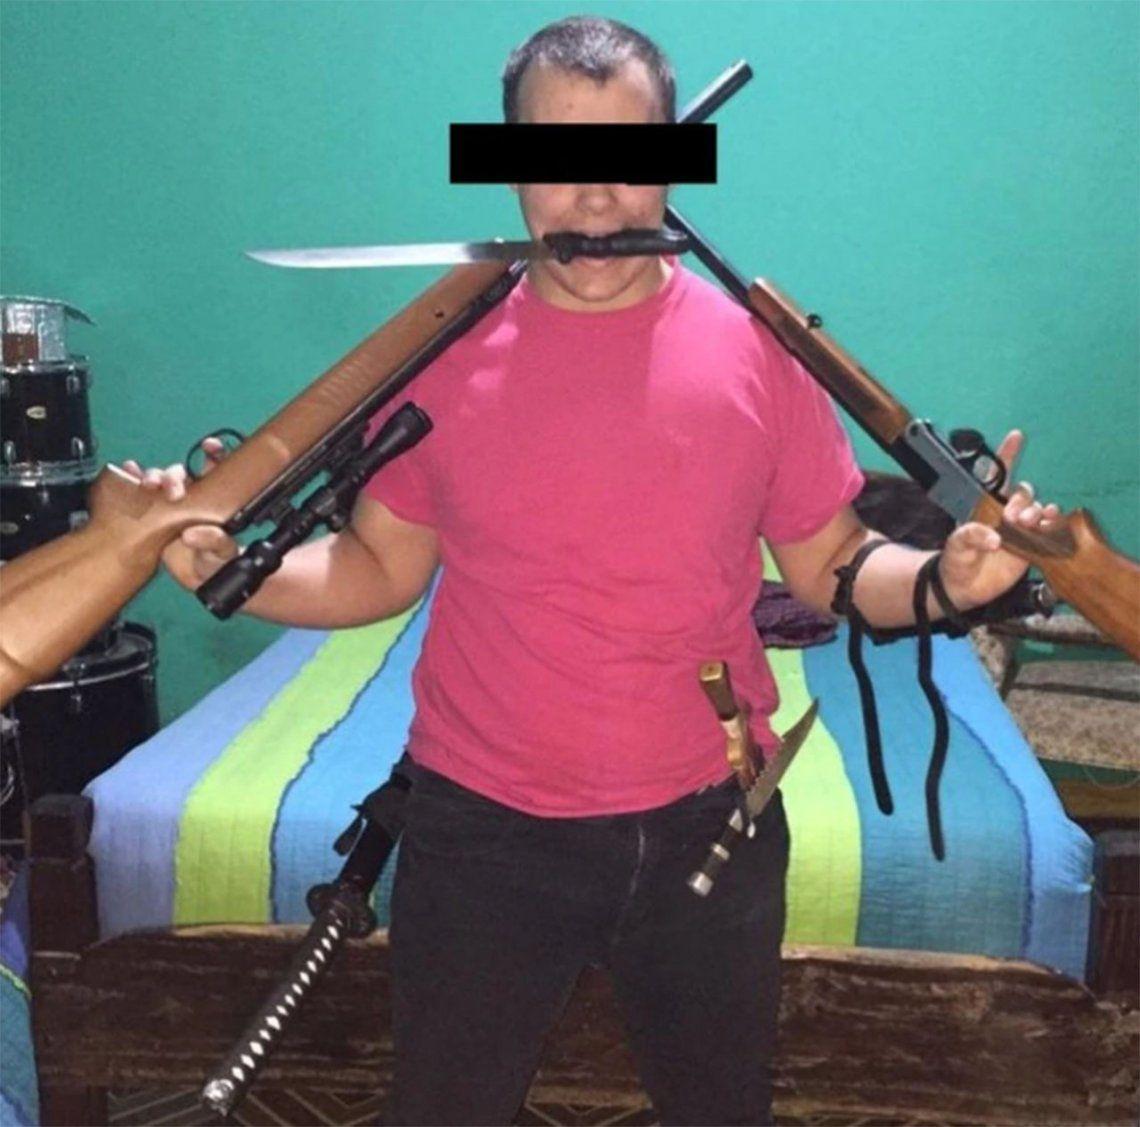 Los voy a matar a todos: la amenaza de un estudiante detenido con un arsenal a sus compañeros